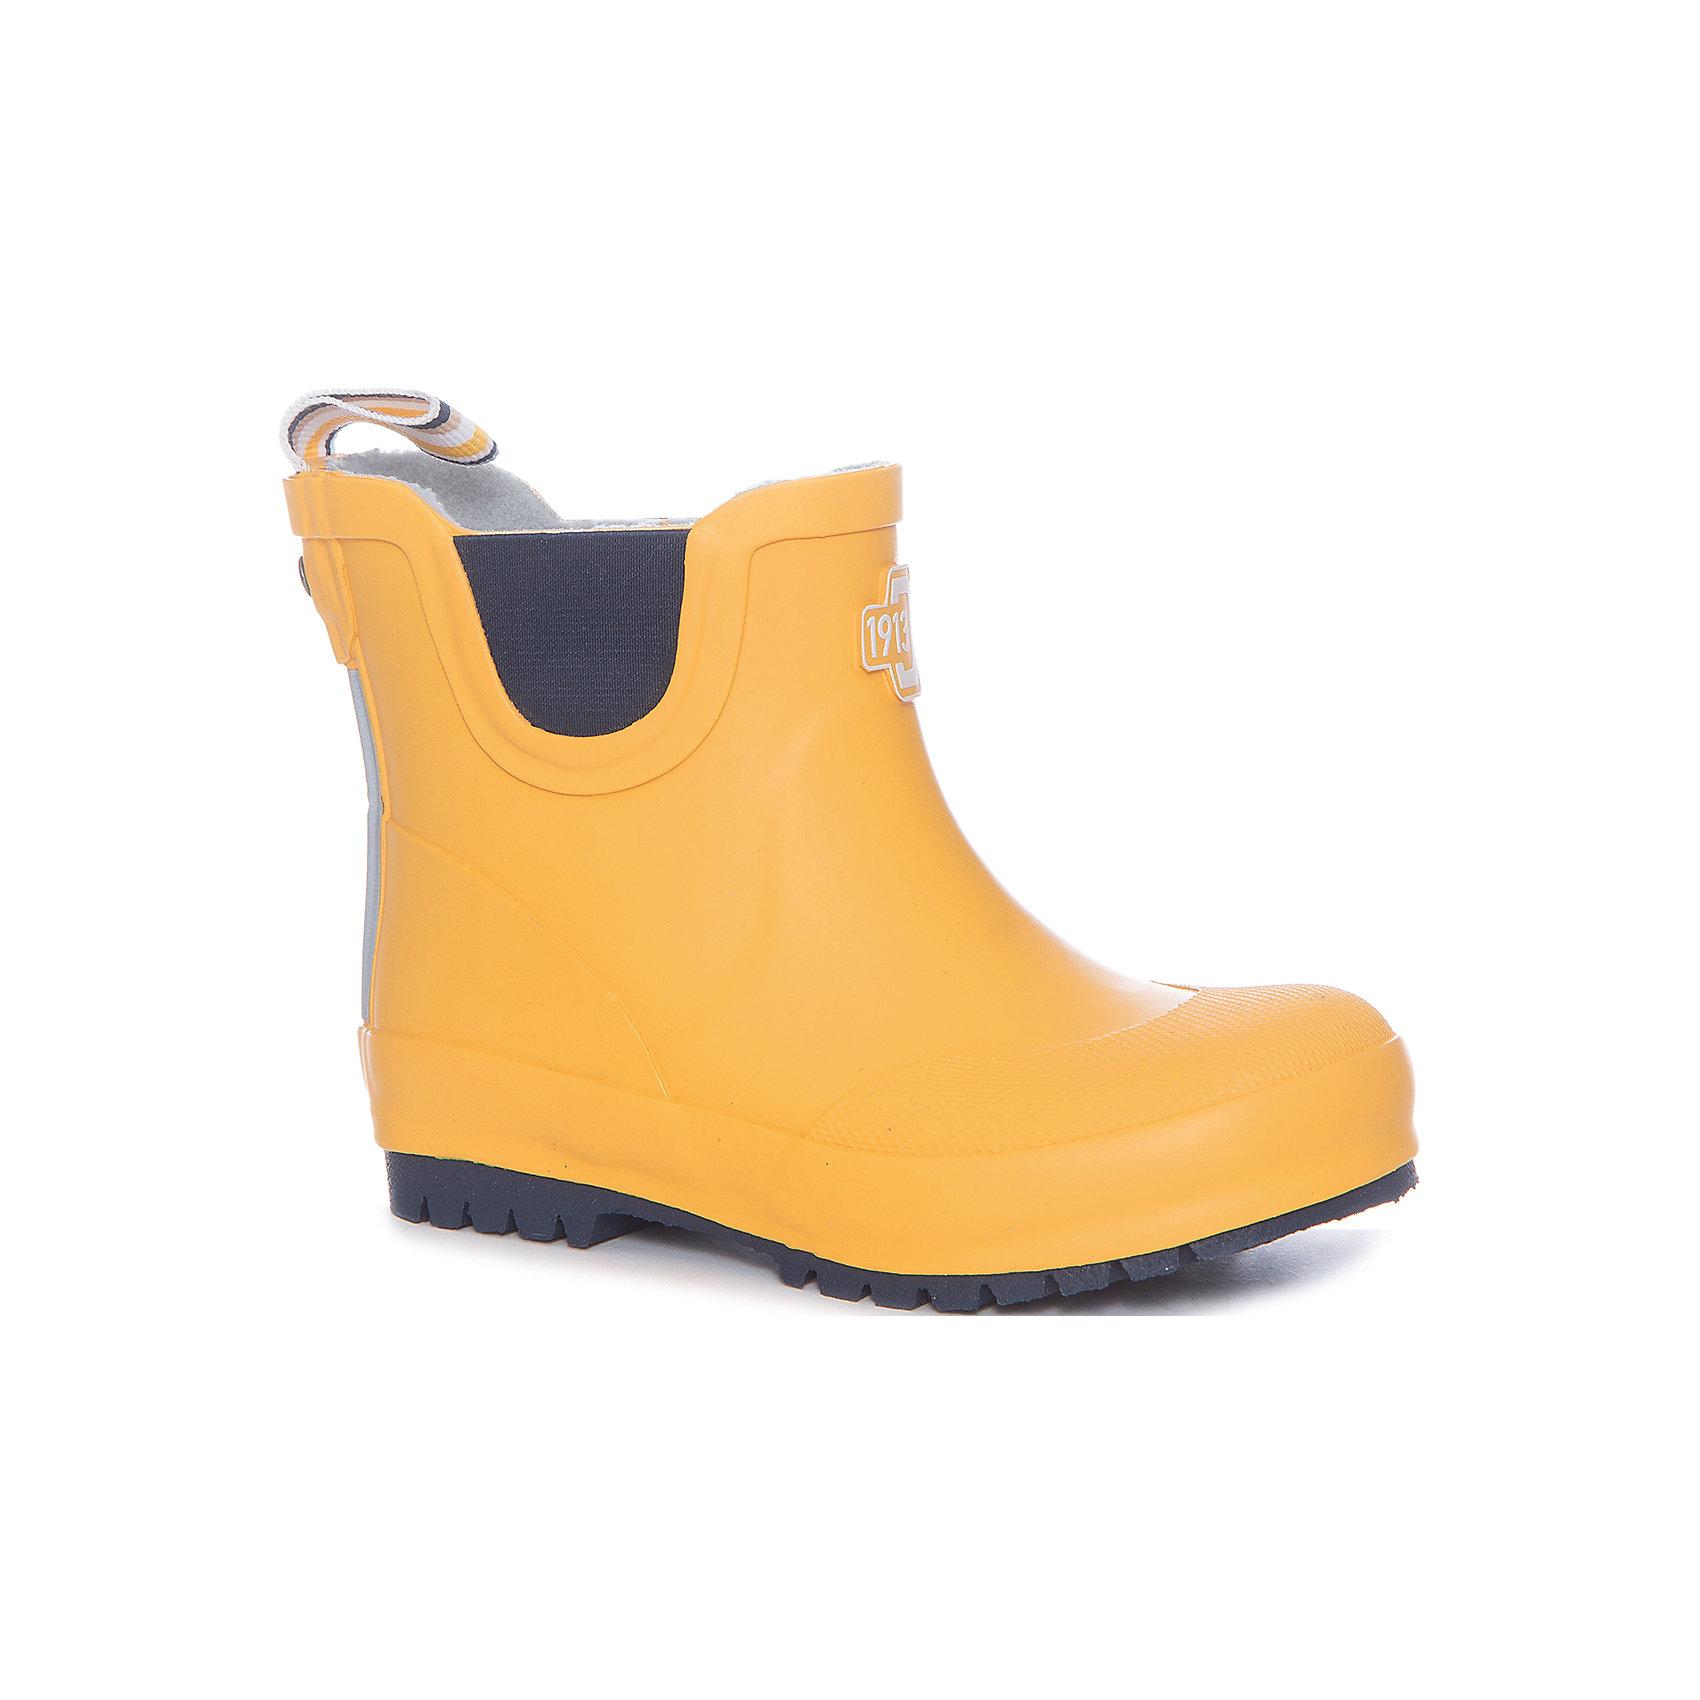 Резиновые сапоги CULLEN  DIDRIKSONSРезиновые сапоги<br>Яркие резиновые сапоги  из натурального каучука - практичная и удобная обувь для дождливой погоды. Мягкая текстильная подкладка из полиэстера обеспечит тепло и комфорт при носке. Ортопедическая стелька вынимается. Рельефная подошва предотвратит скольжение. <br>Состав:<br>Верх - 100% каучук, подкладка - 100% полиэстер<br><br>Ширина мм: 237<br>Глубина мм: 180<br>Высота мм: 152<br>Вес г: 438<br>Цвет: желтый<br>Возраст от месяцев: 96<br>Возраст до месяцев: 108<br>Пол: Унисекс<br>Возраст: Детский<br>Размер: 32,23,26,29,25,27<br>SKU: 5527205